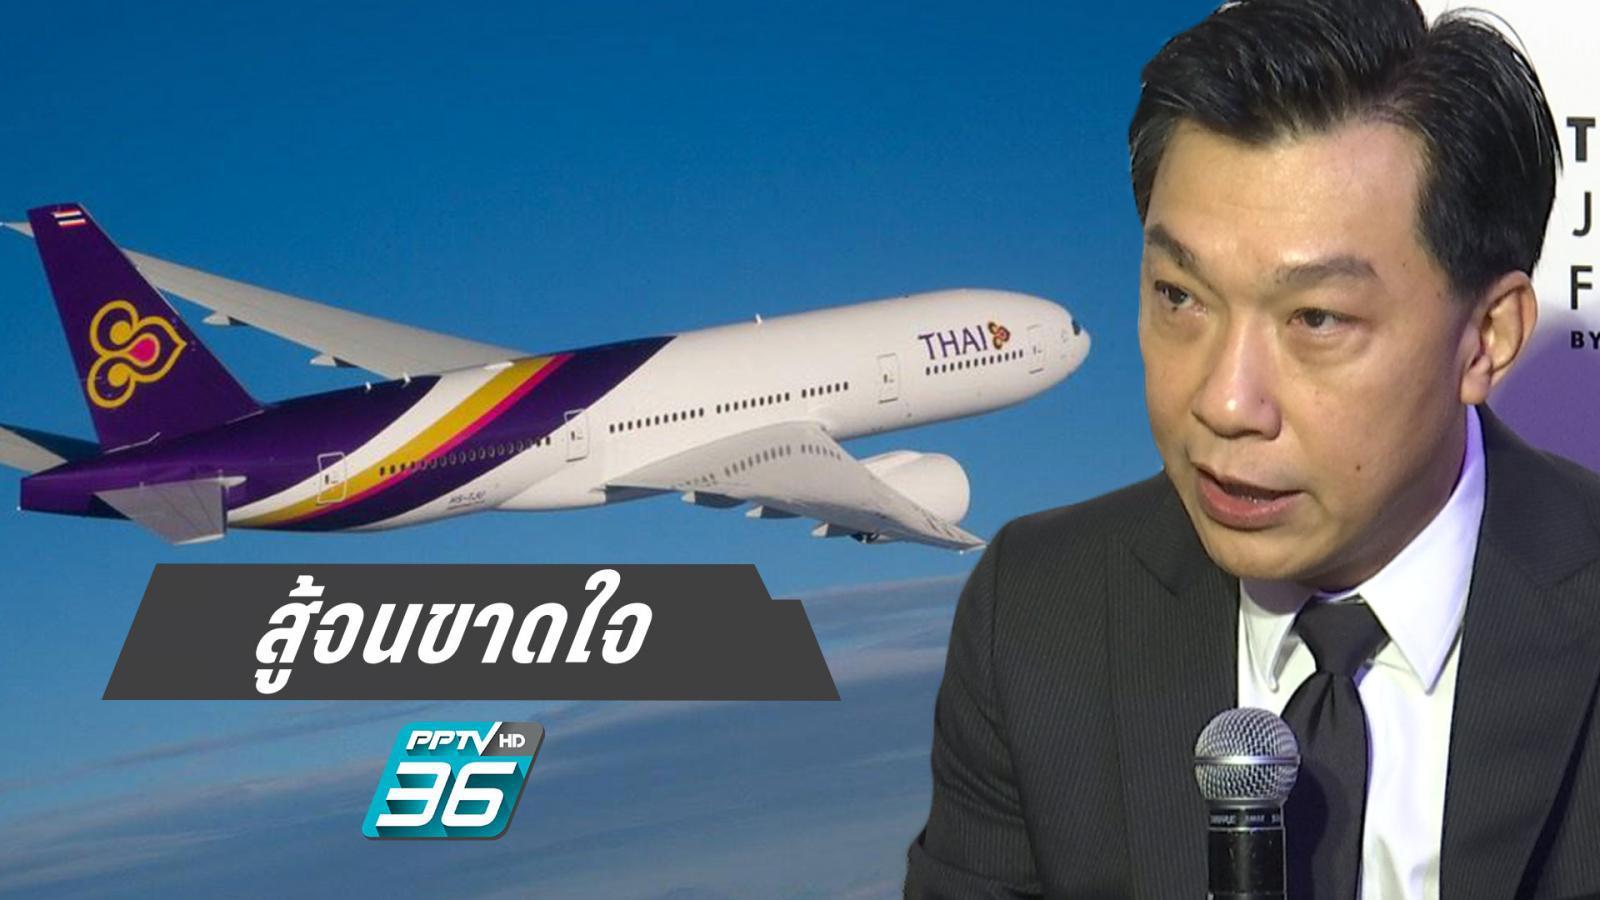 """การบินไทย เร่งเช่าเพิ่ม 3 ลำ หวังฟื้นขาดทุนบักโกรก """"สุเมธ"""" ลั่นไม่ยอมแพ้"""